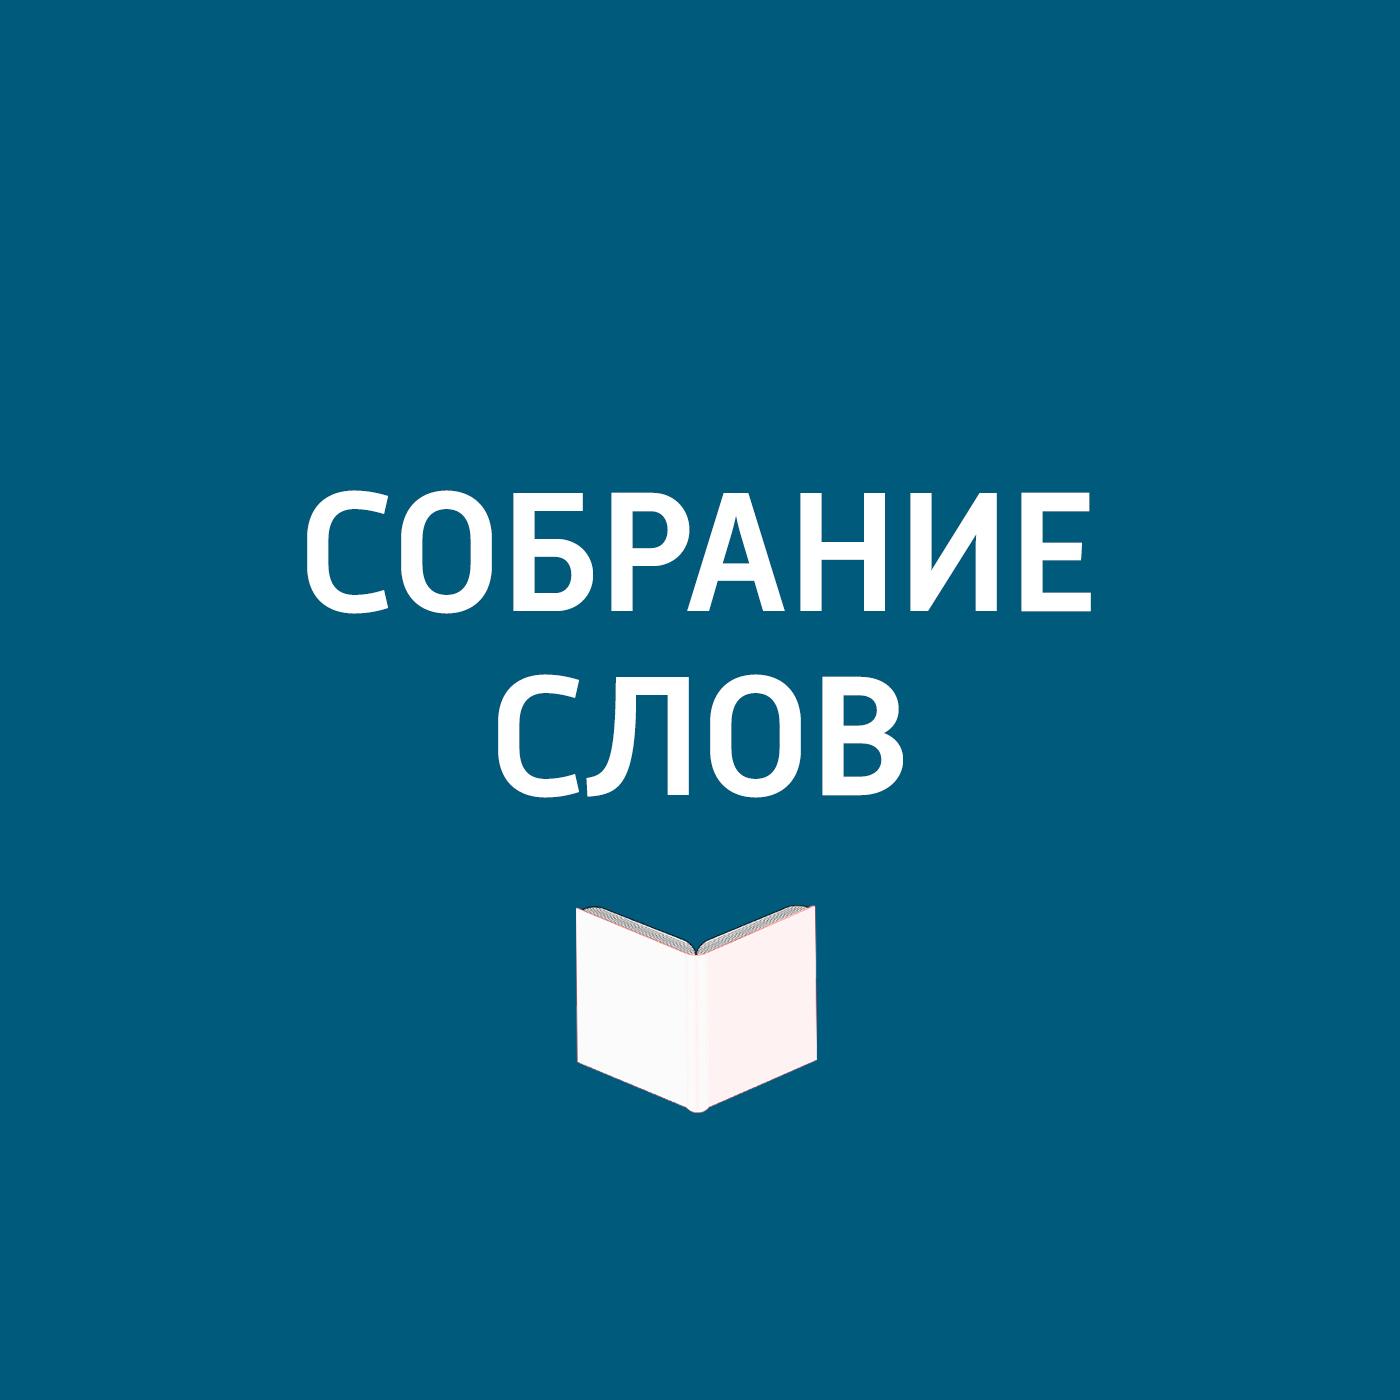 Творческий коллектив программы «Собрание слов» Большое интервью Кирилла Разлогова